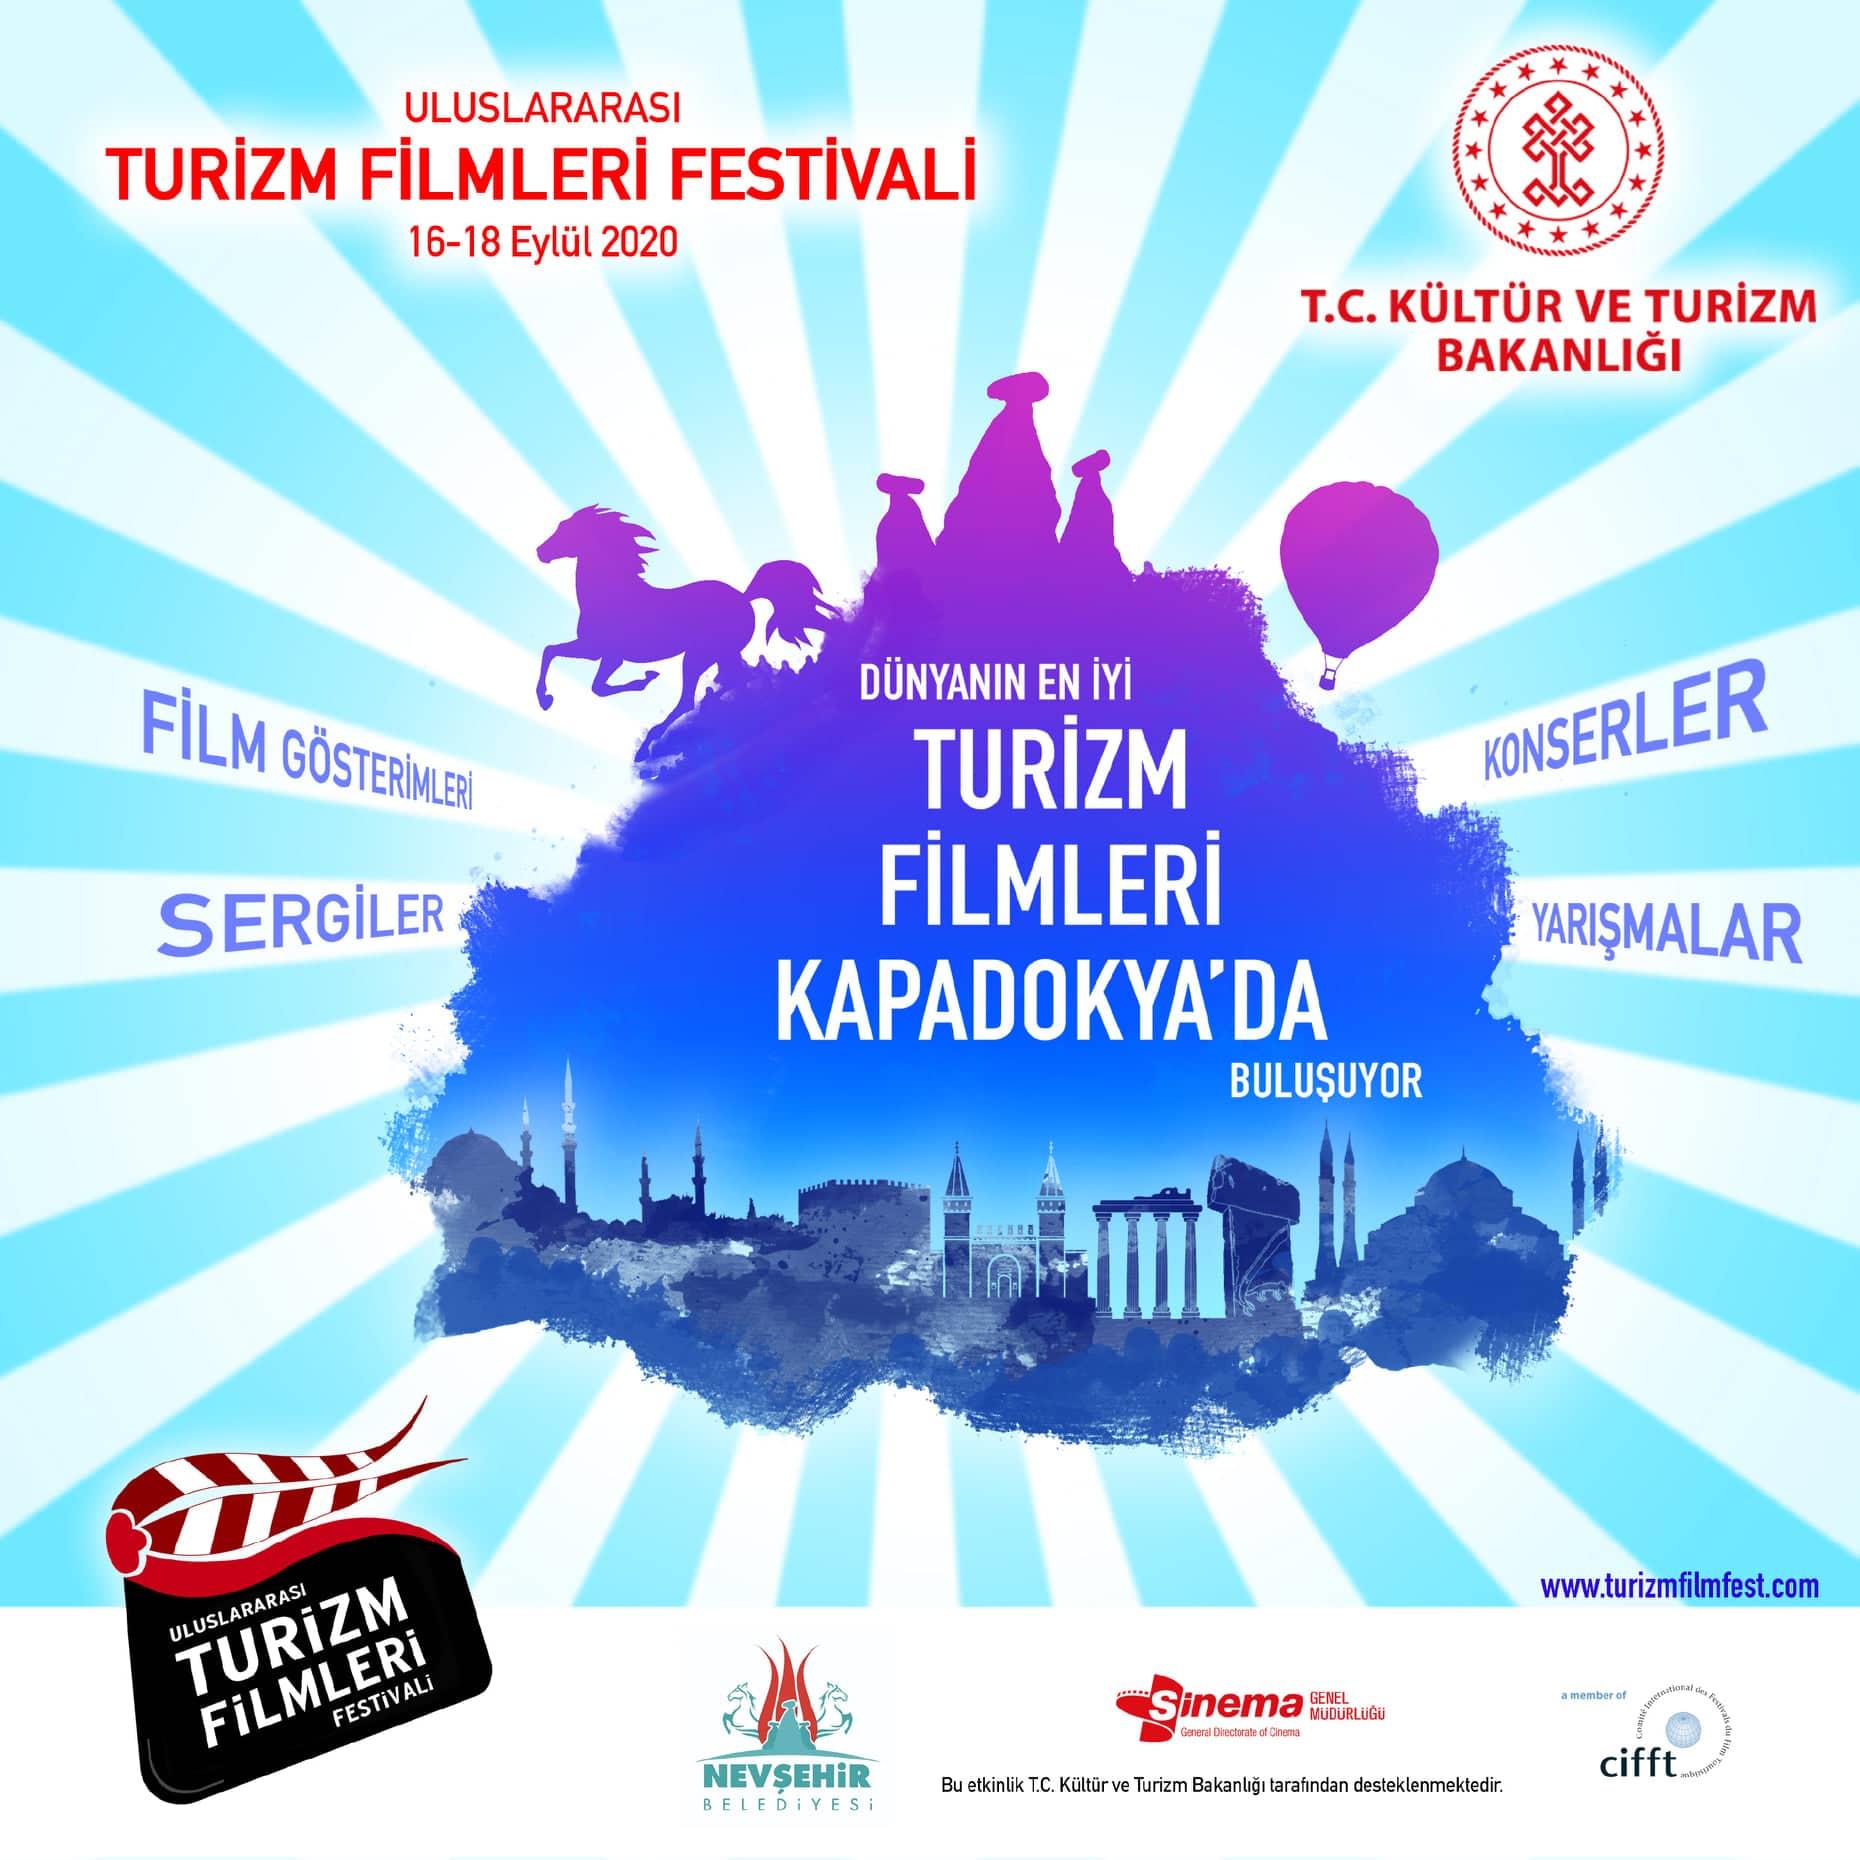 Premio de Oro al Mejor Producto Turístico en el Uluslararası Turizm Filmleri Festivali